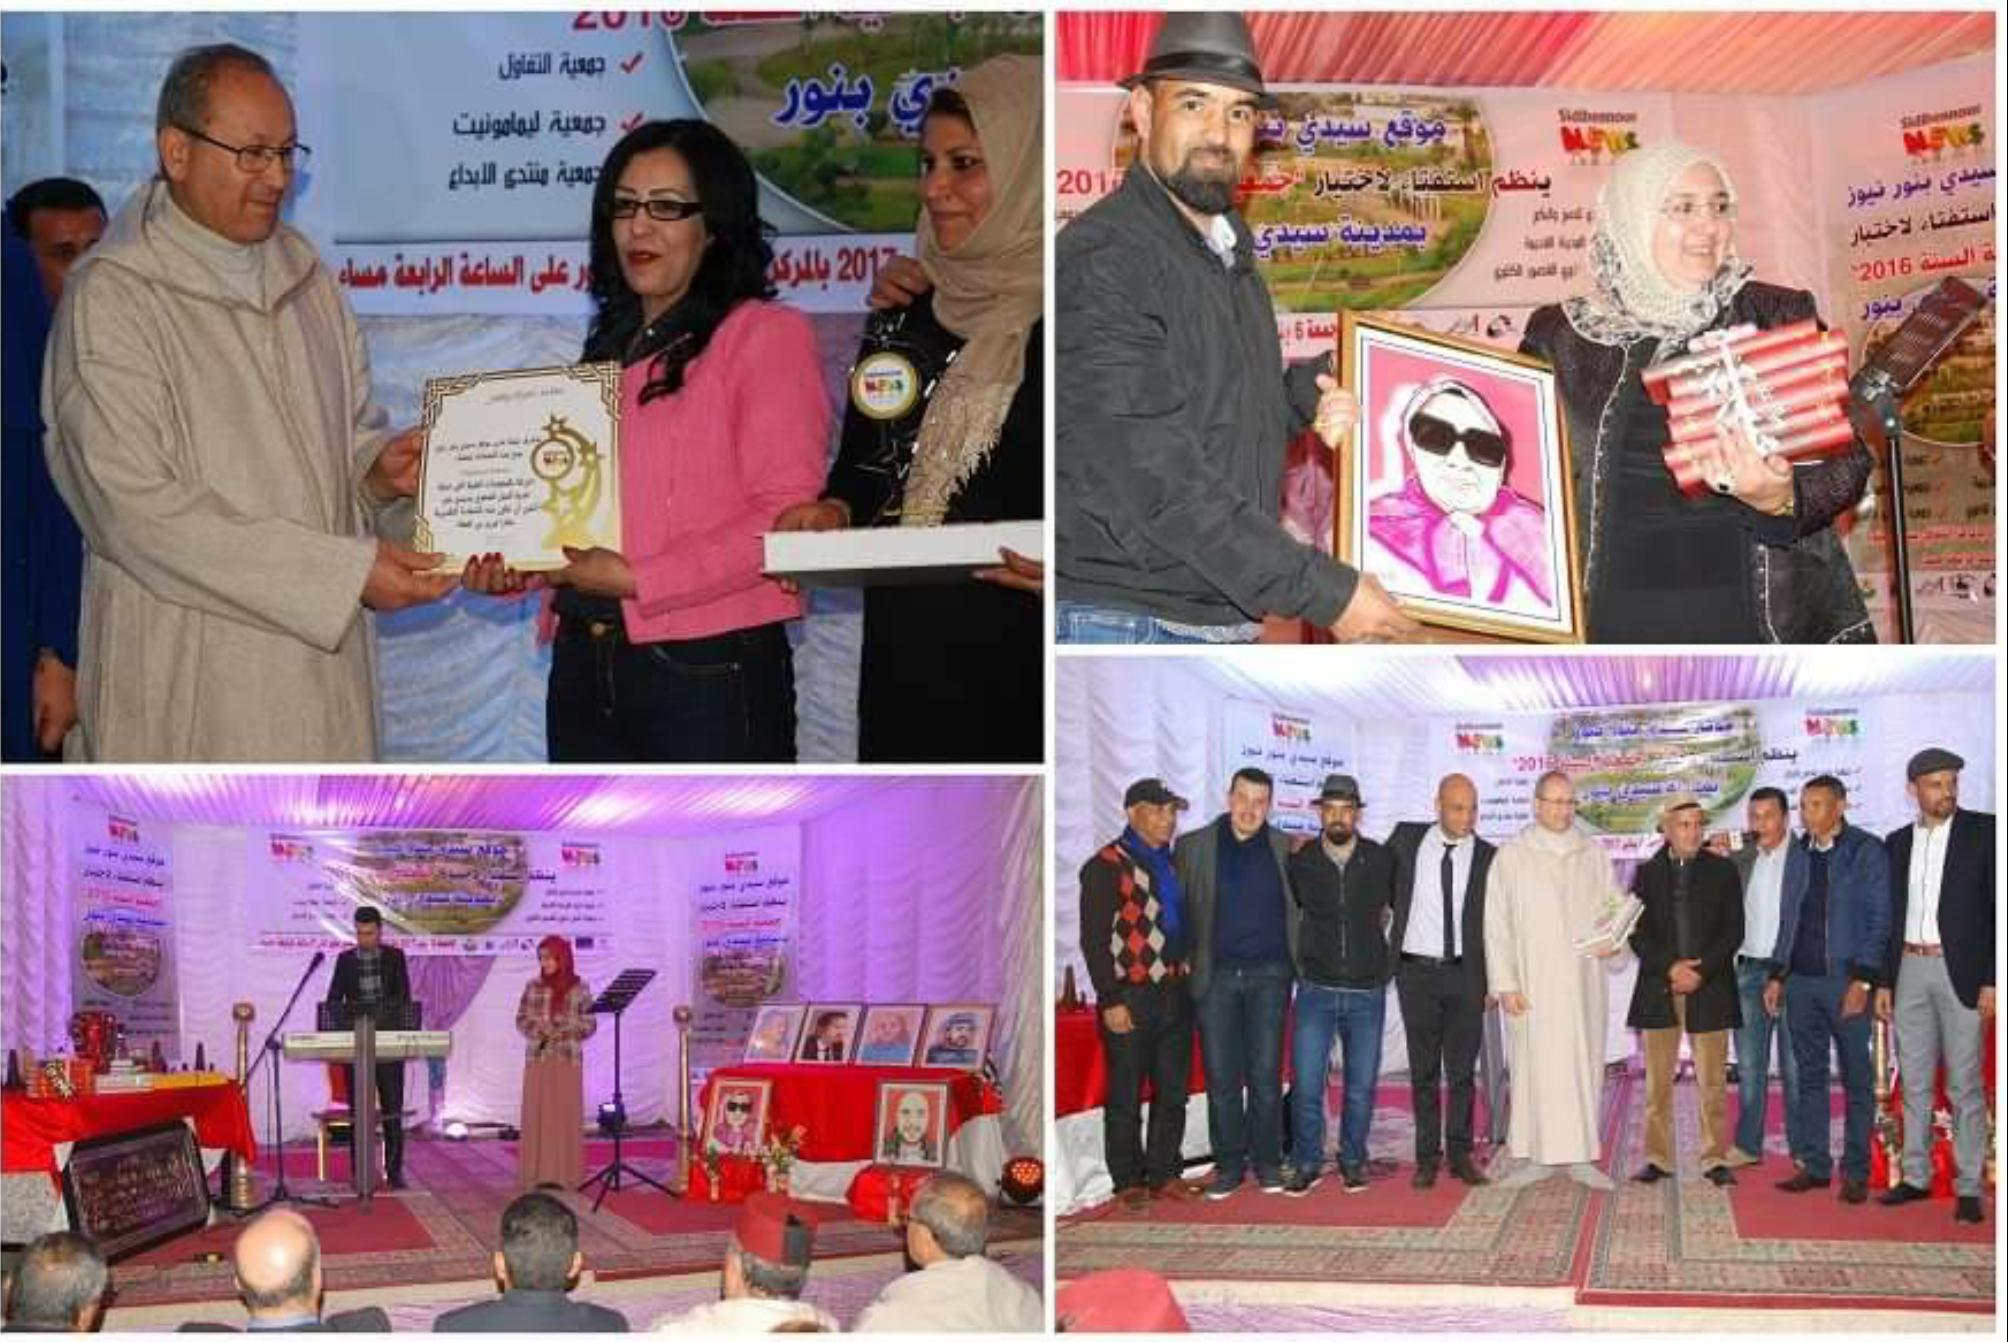 تتويج أهم شخصيات سنة 2016 التي بصمت على انجازات هامة باقليم سيدي بنور